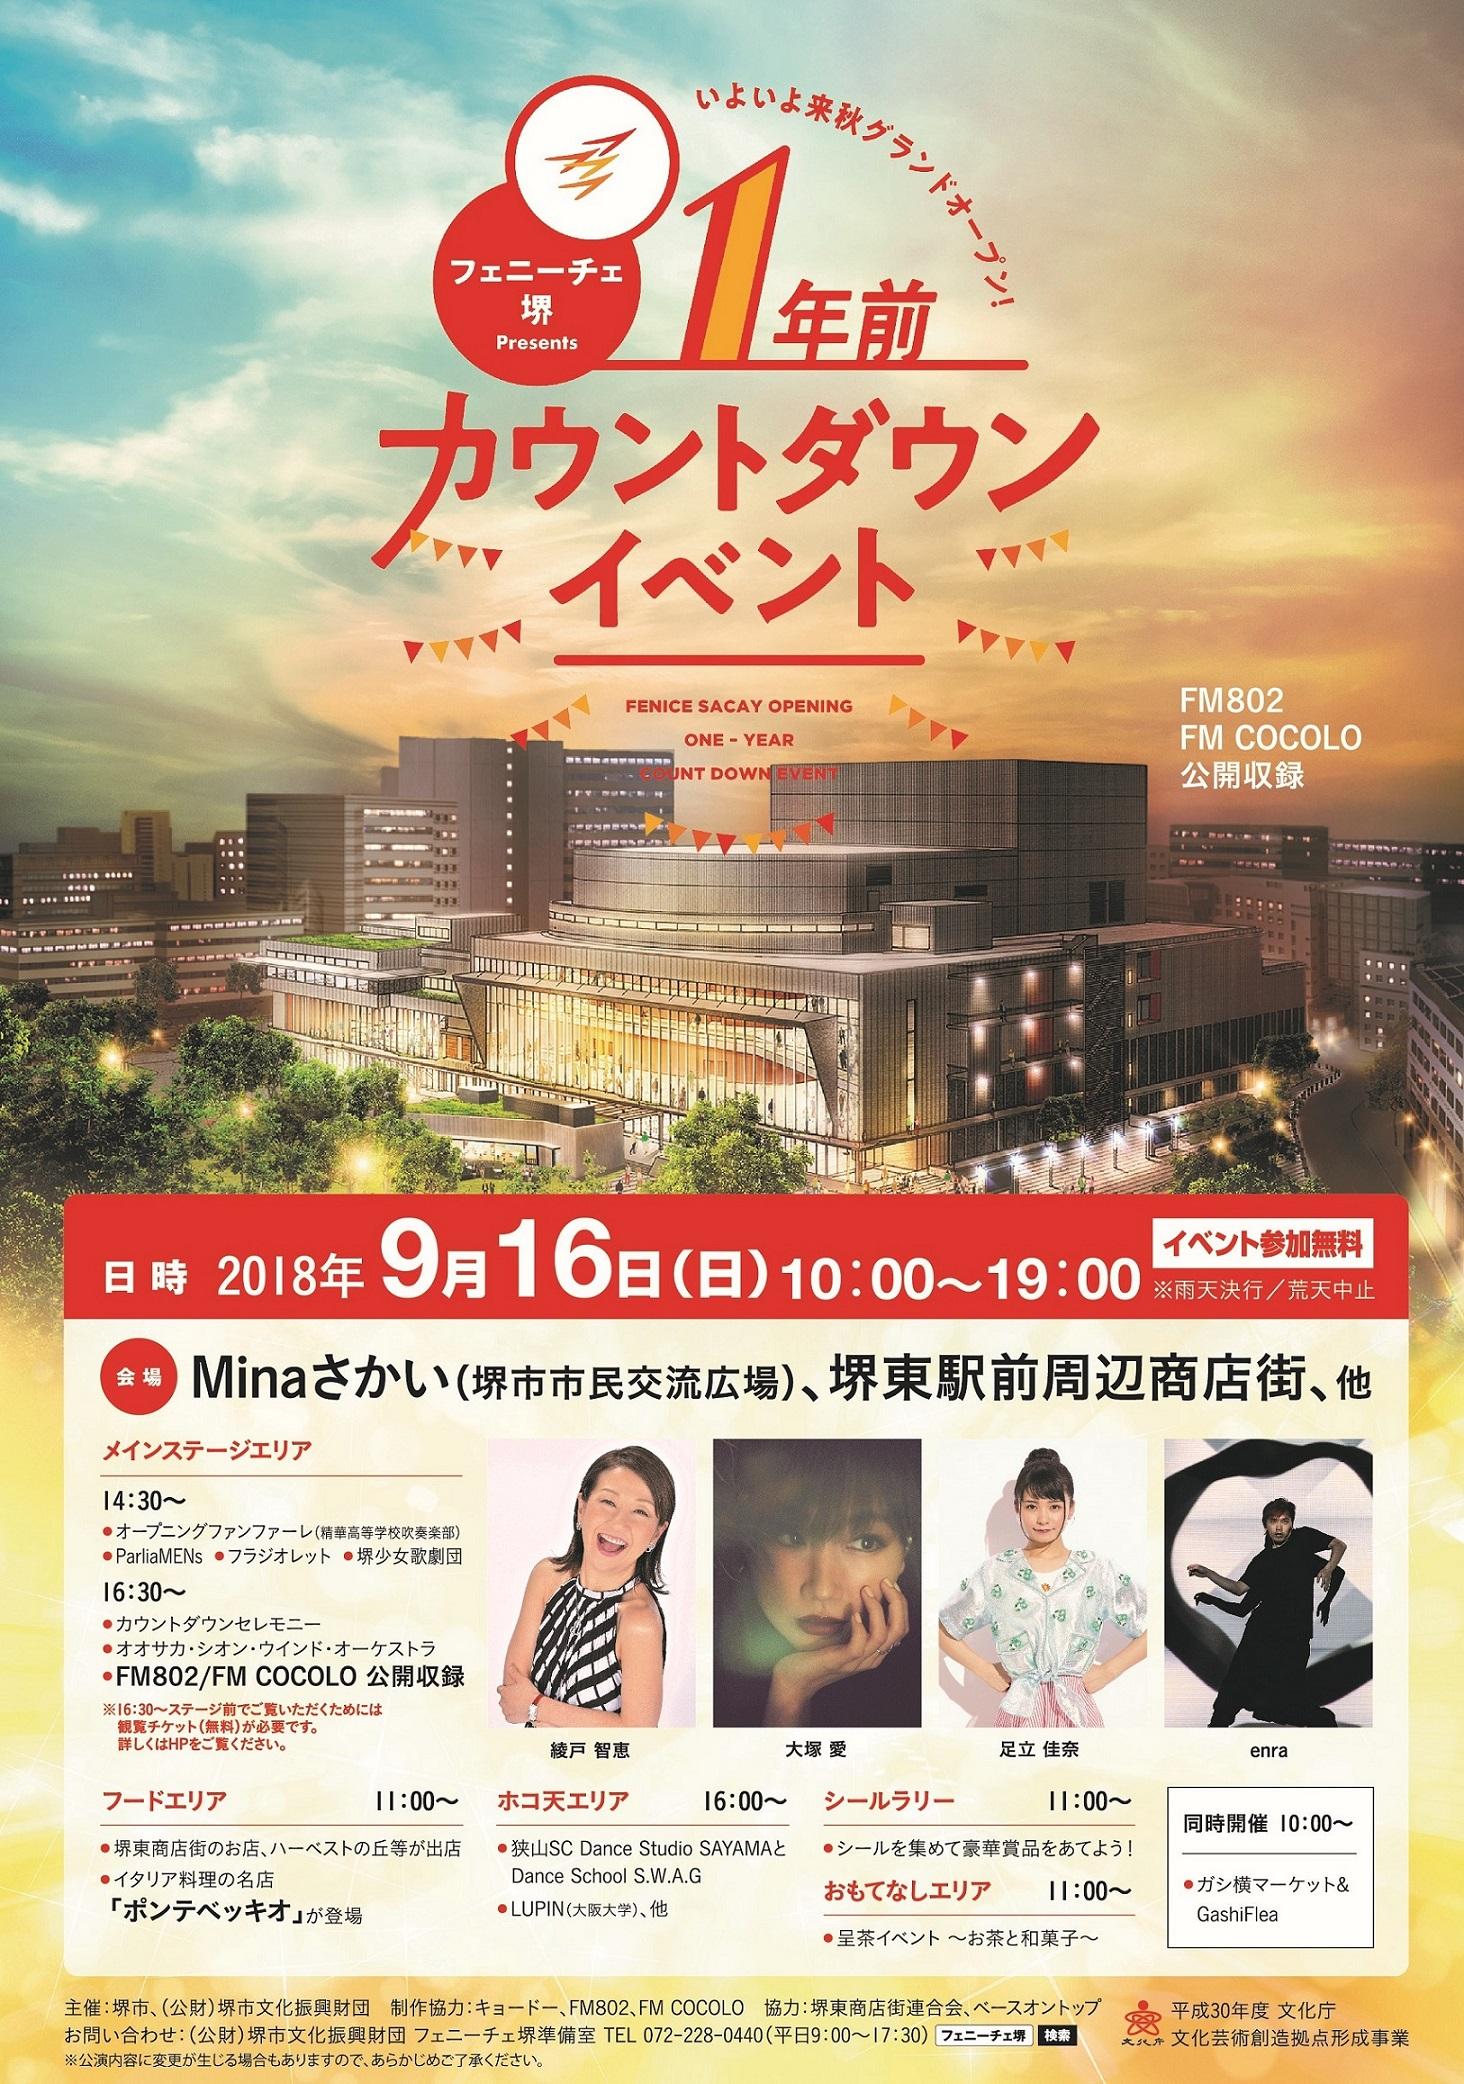 フェニーチェ堺Presents 1年前カウントダウンイベント (来年秋グランドオープン!)